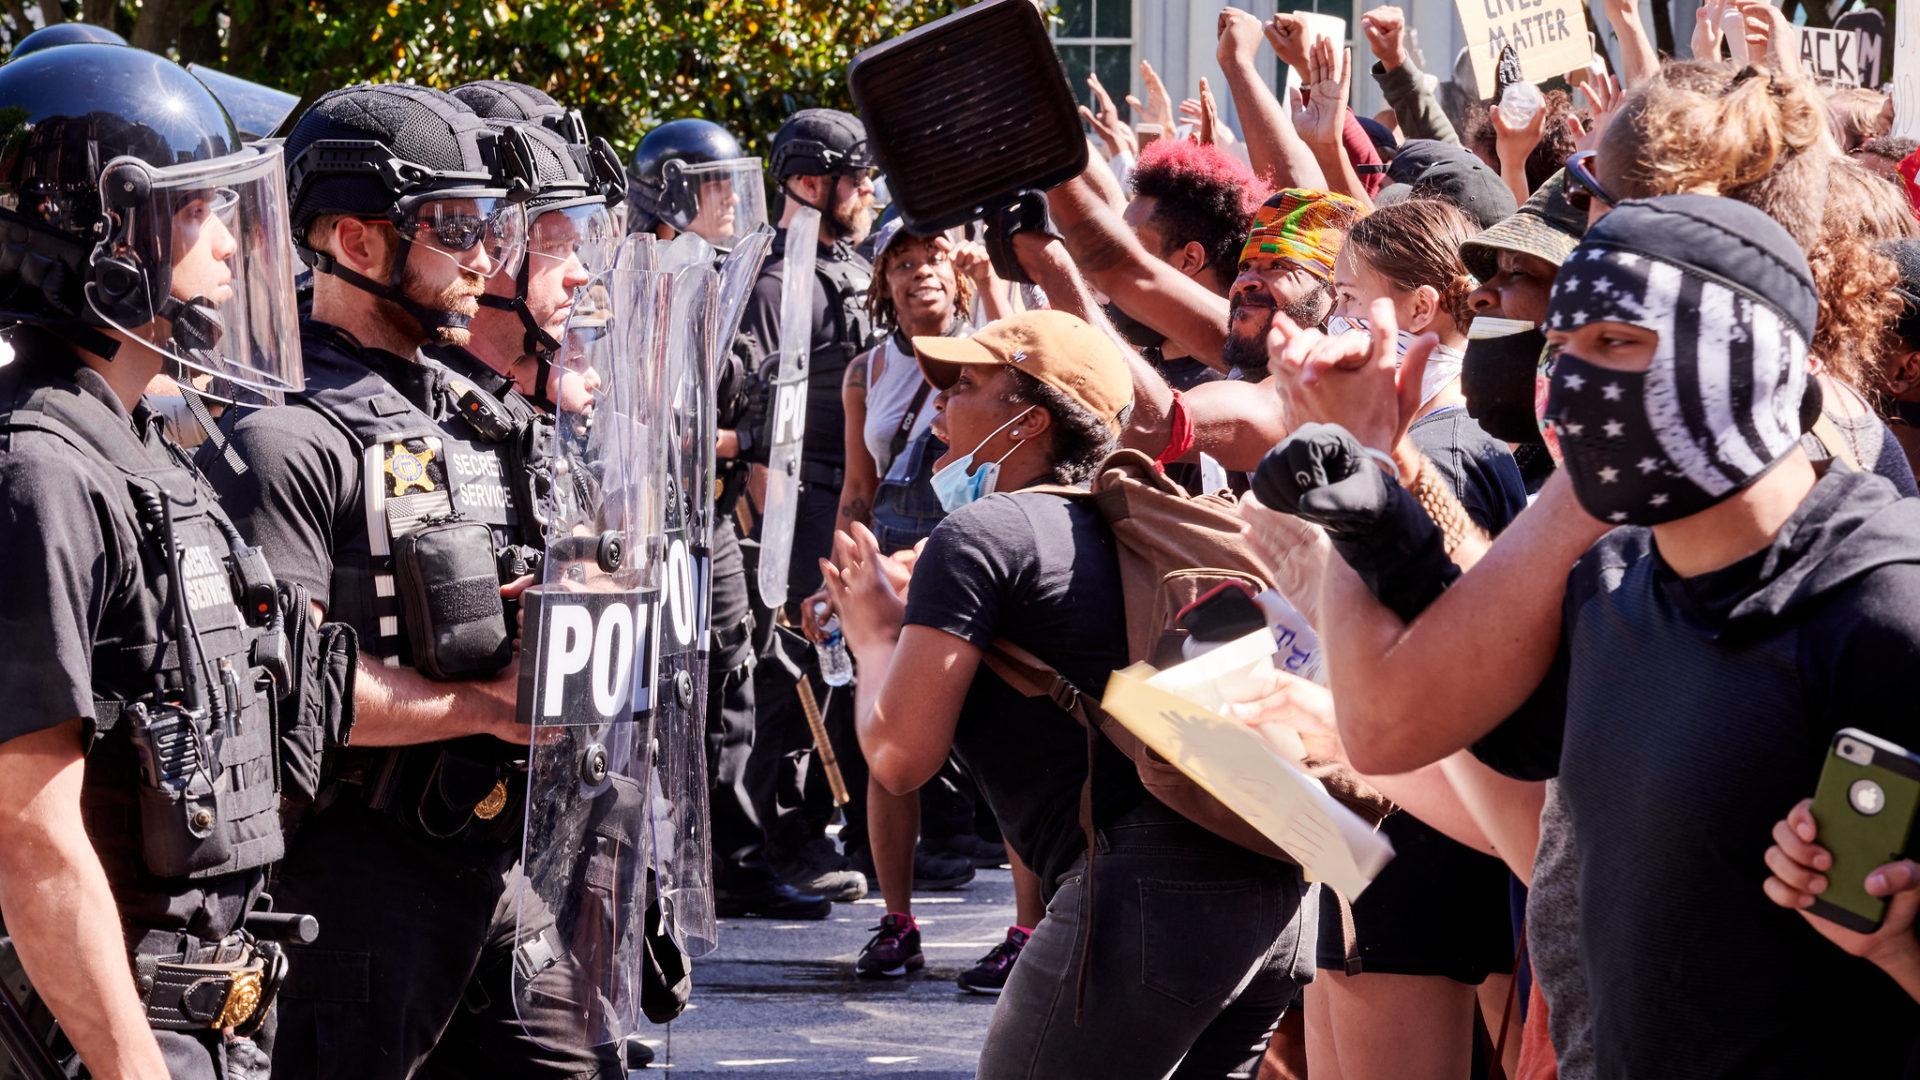 La Solidaridad exige desmantelar el sistema represivo en todas partes del mundo